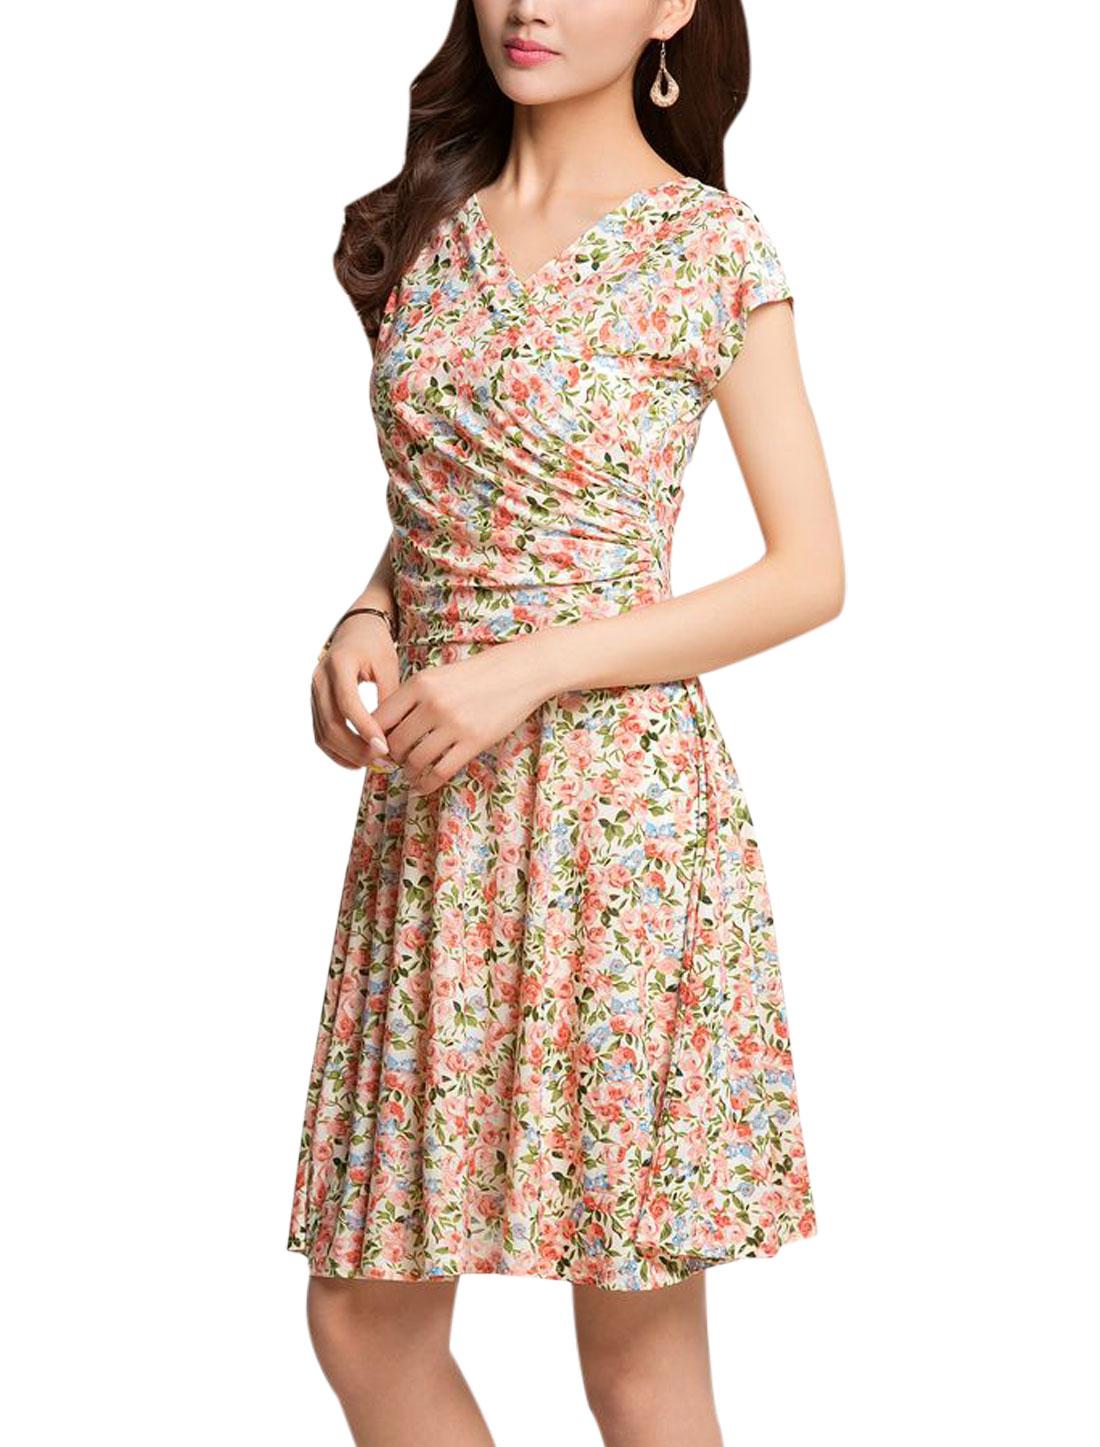 Lady Crossover V Neck Floral Prints Ruched Design Unlined Dress Pink M